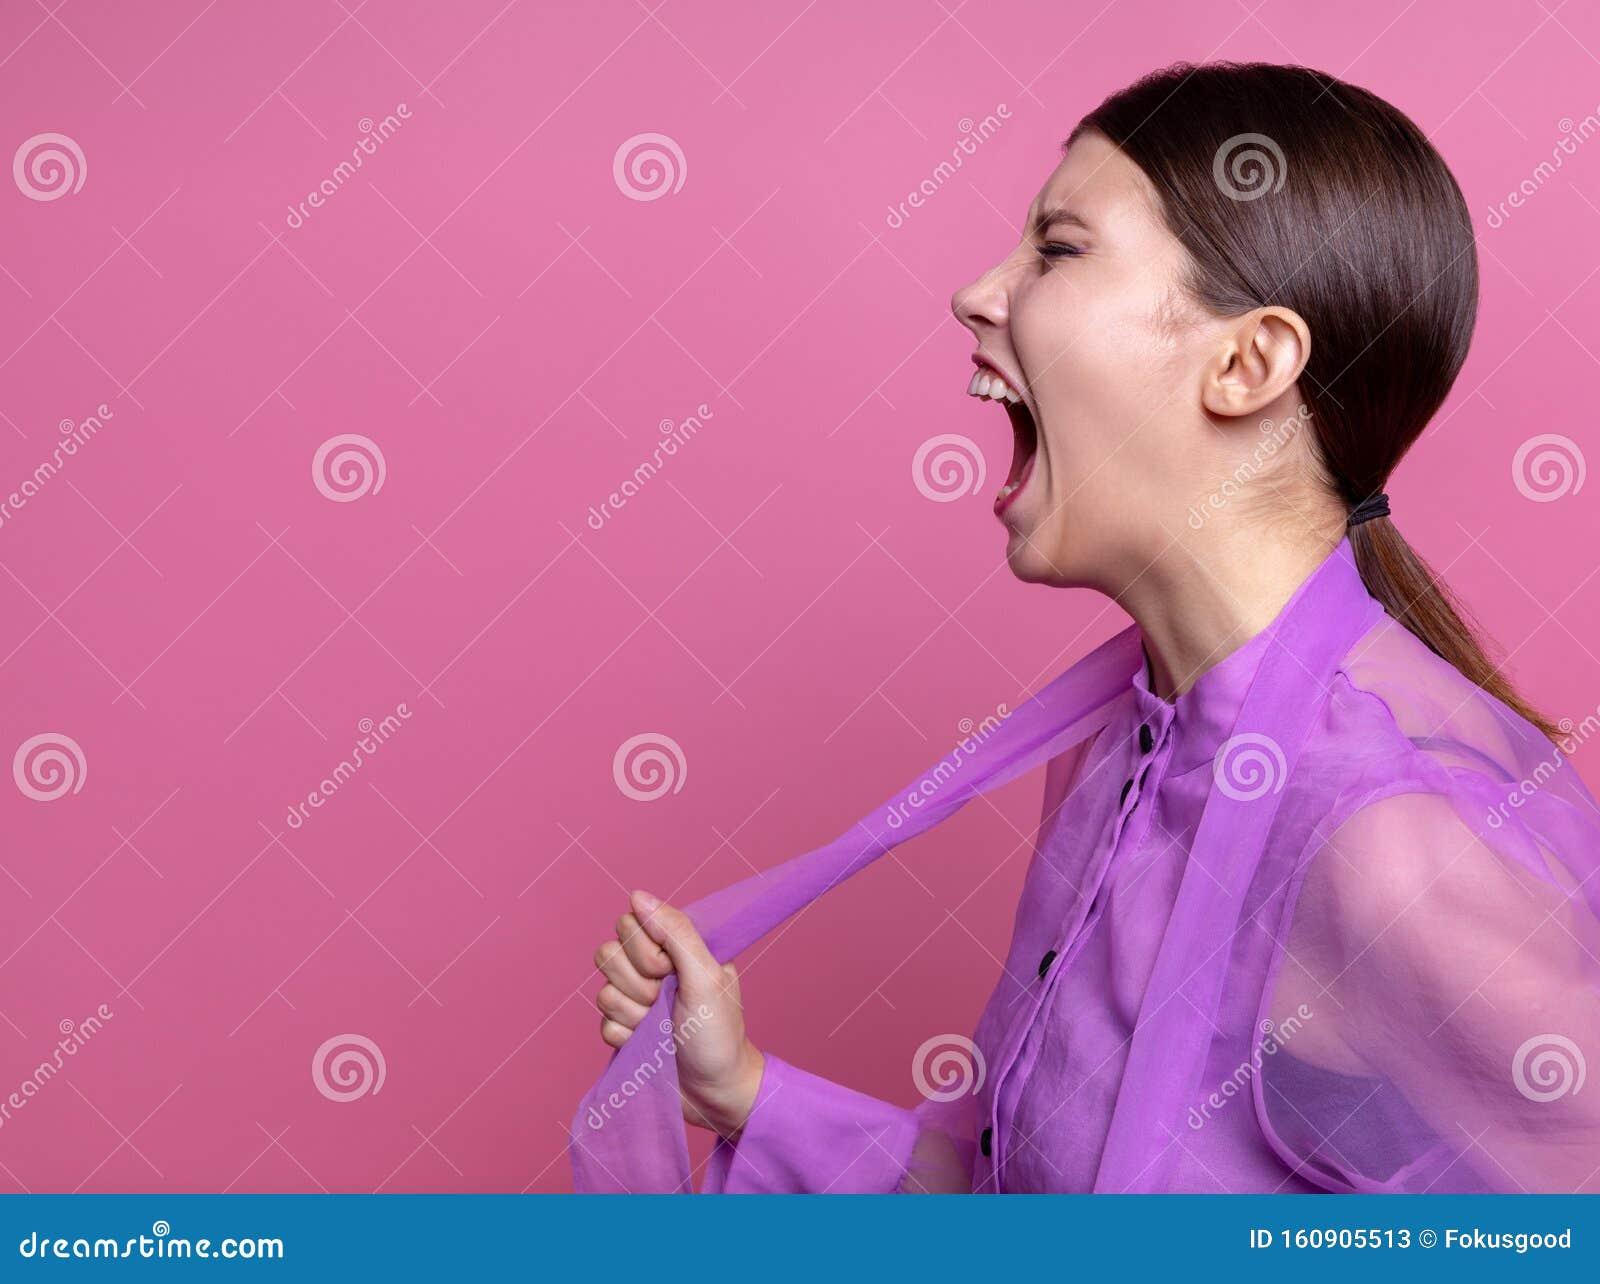 Девушка кричит на работе работа для девушки иваново